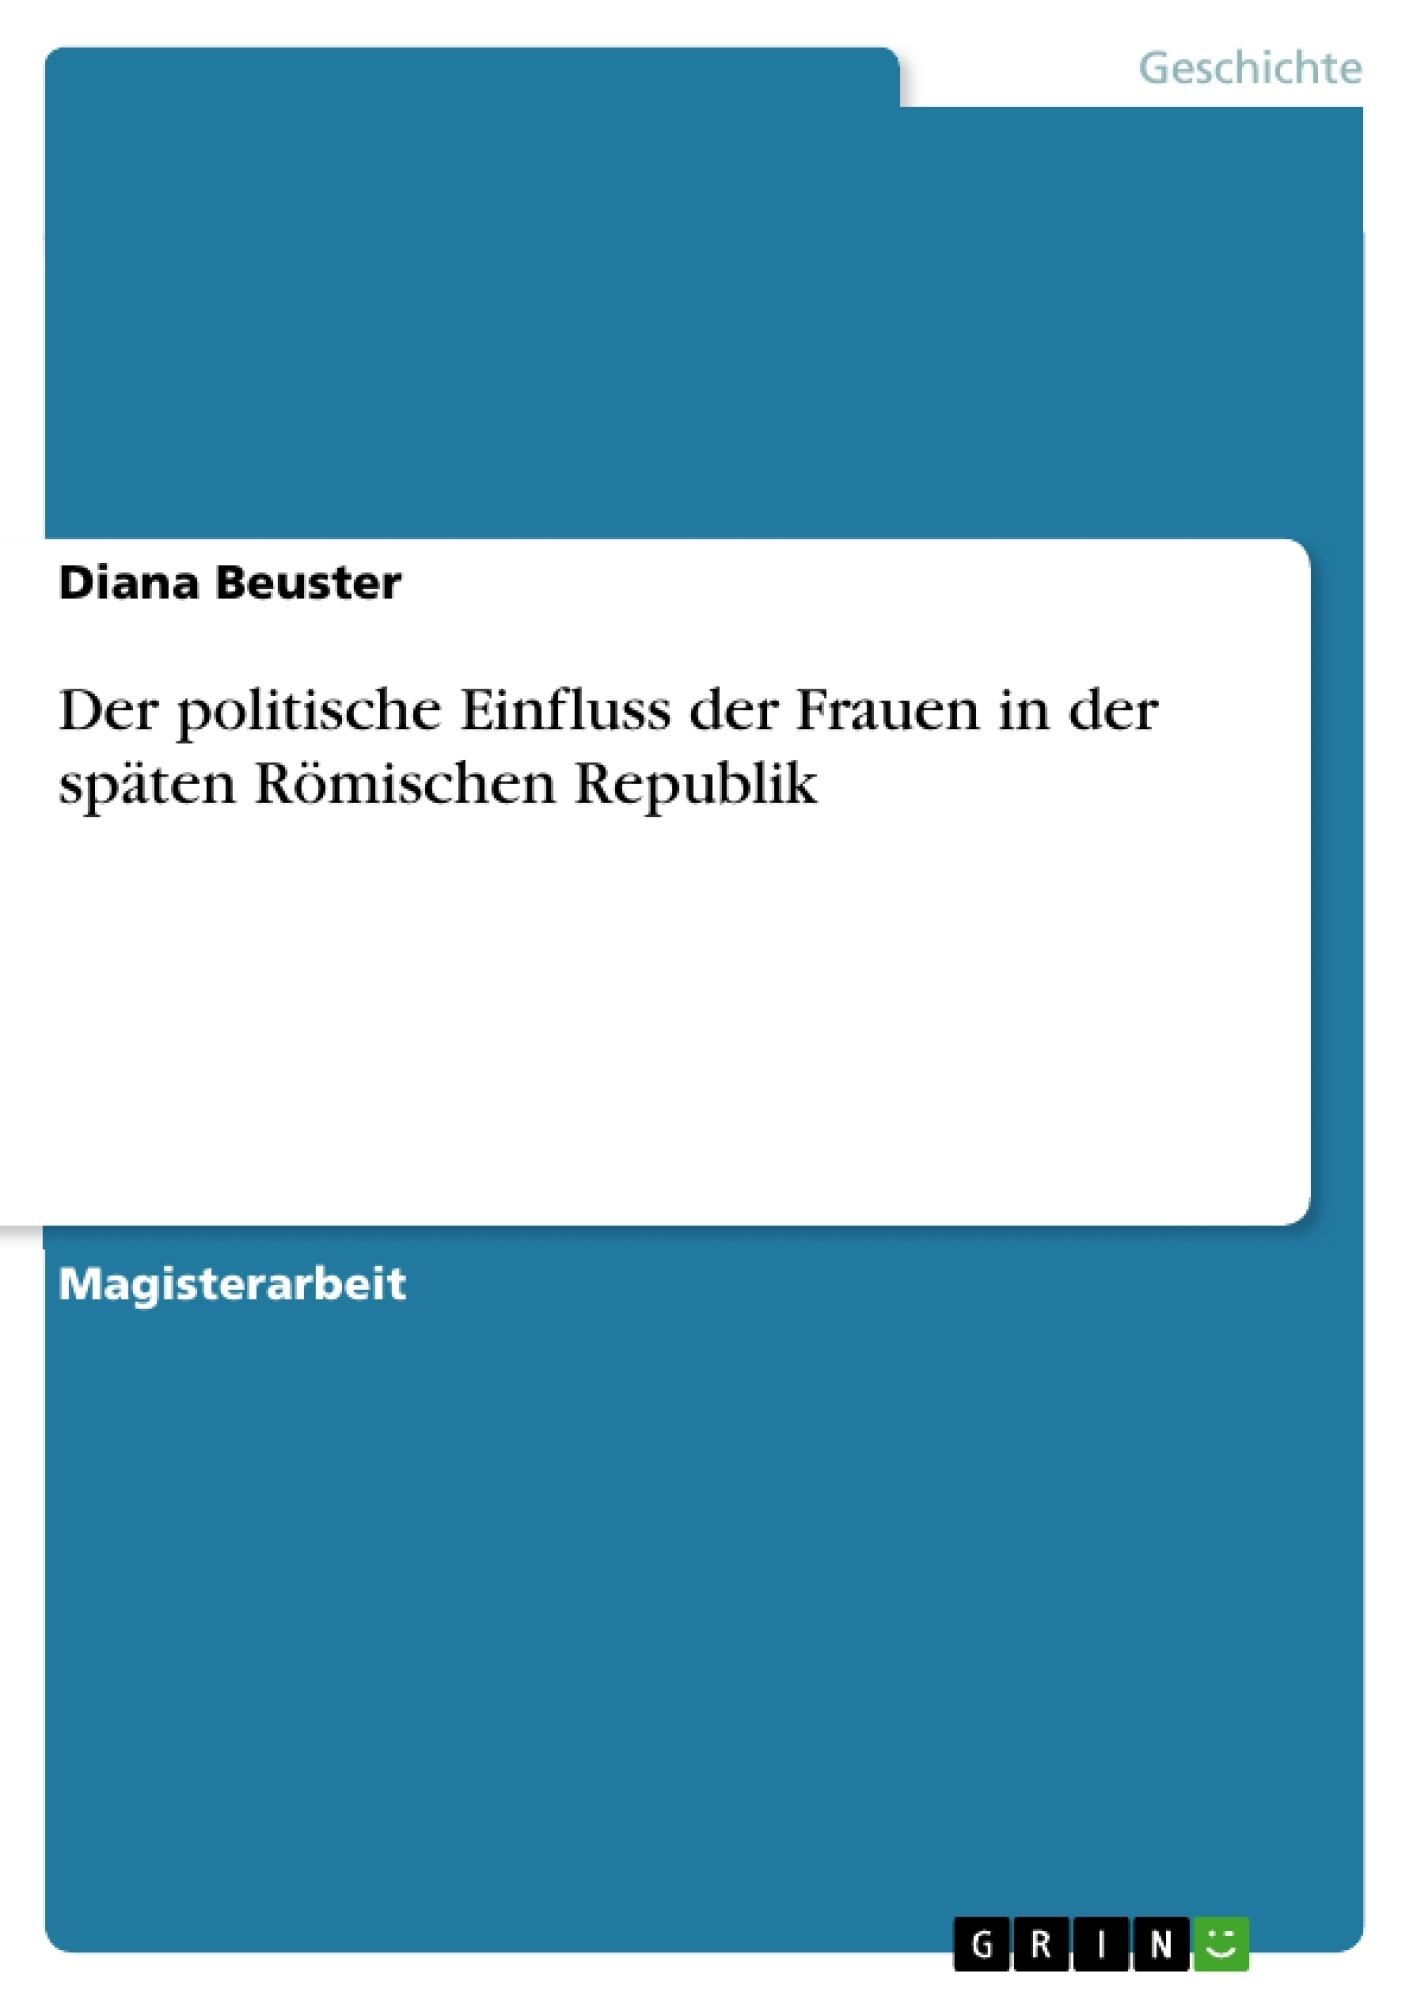 Titel: Der politische Einfluss der Frauen in der späten Römischen Republik